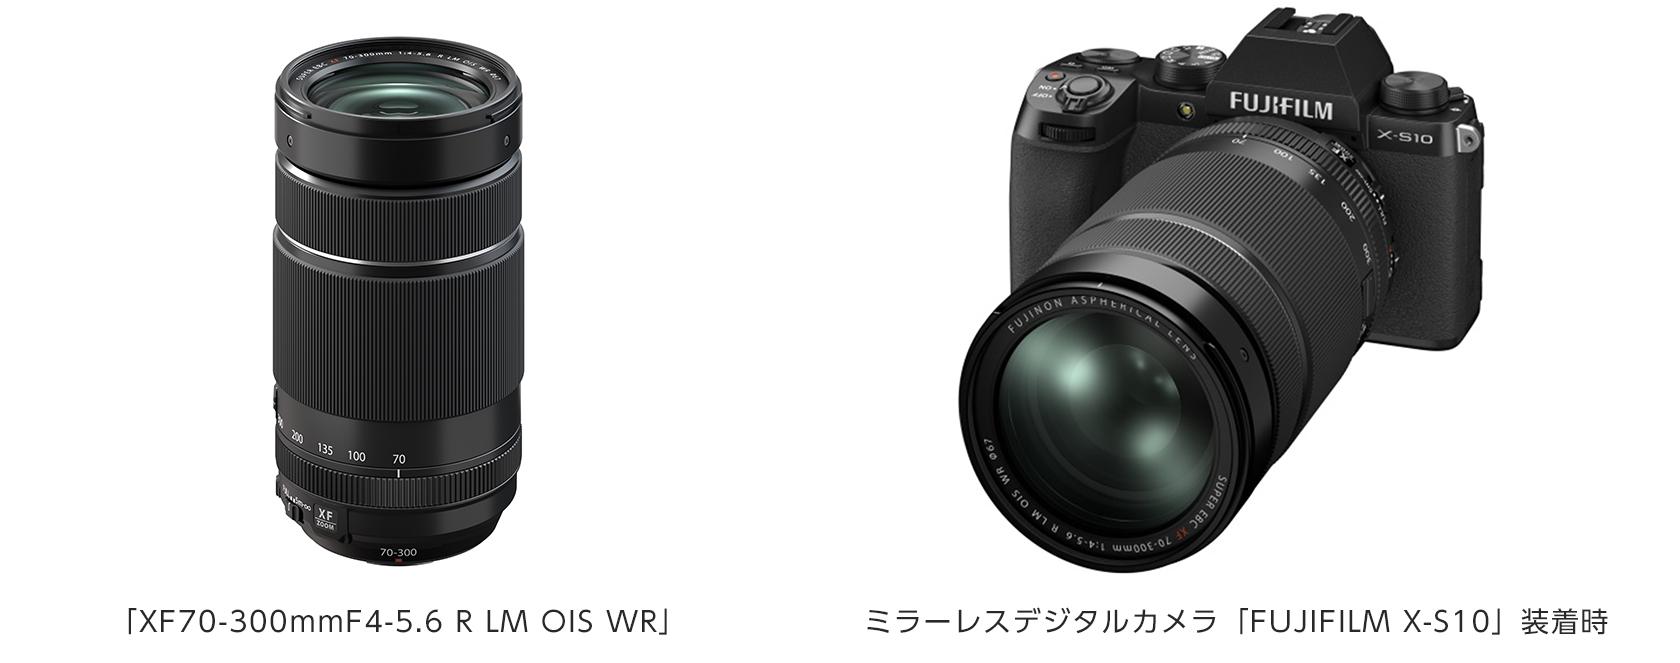 [画像]「XF70-300mmF4-5.6 R LM OIS WR」